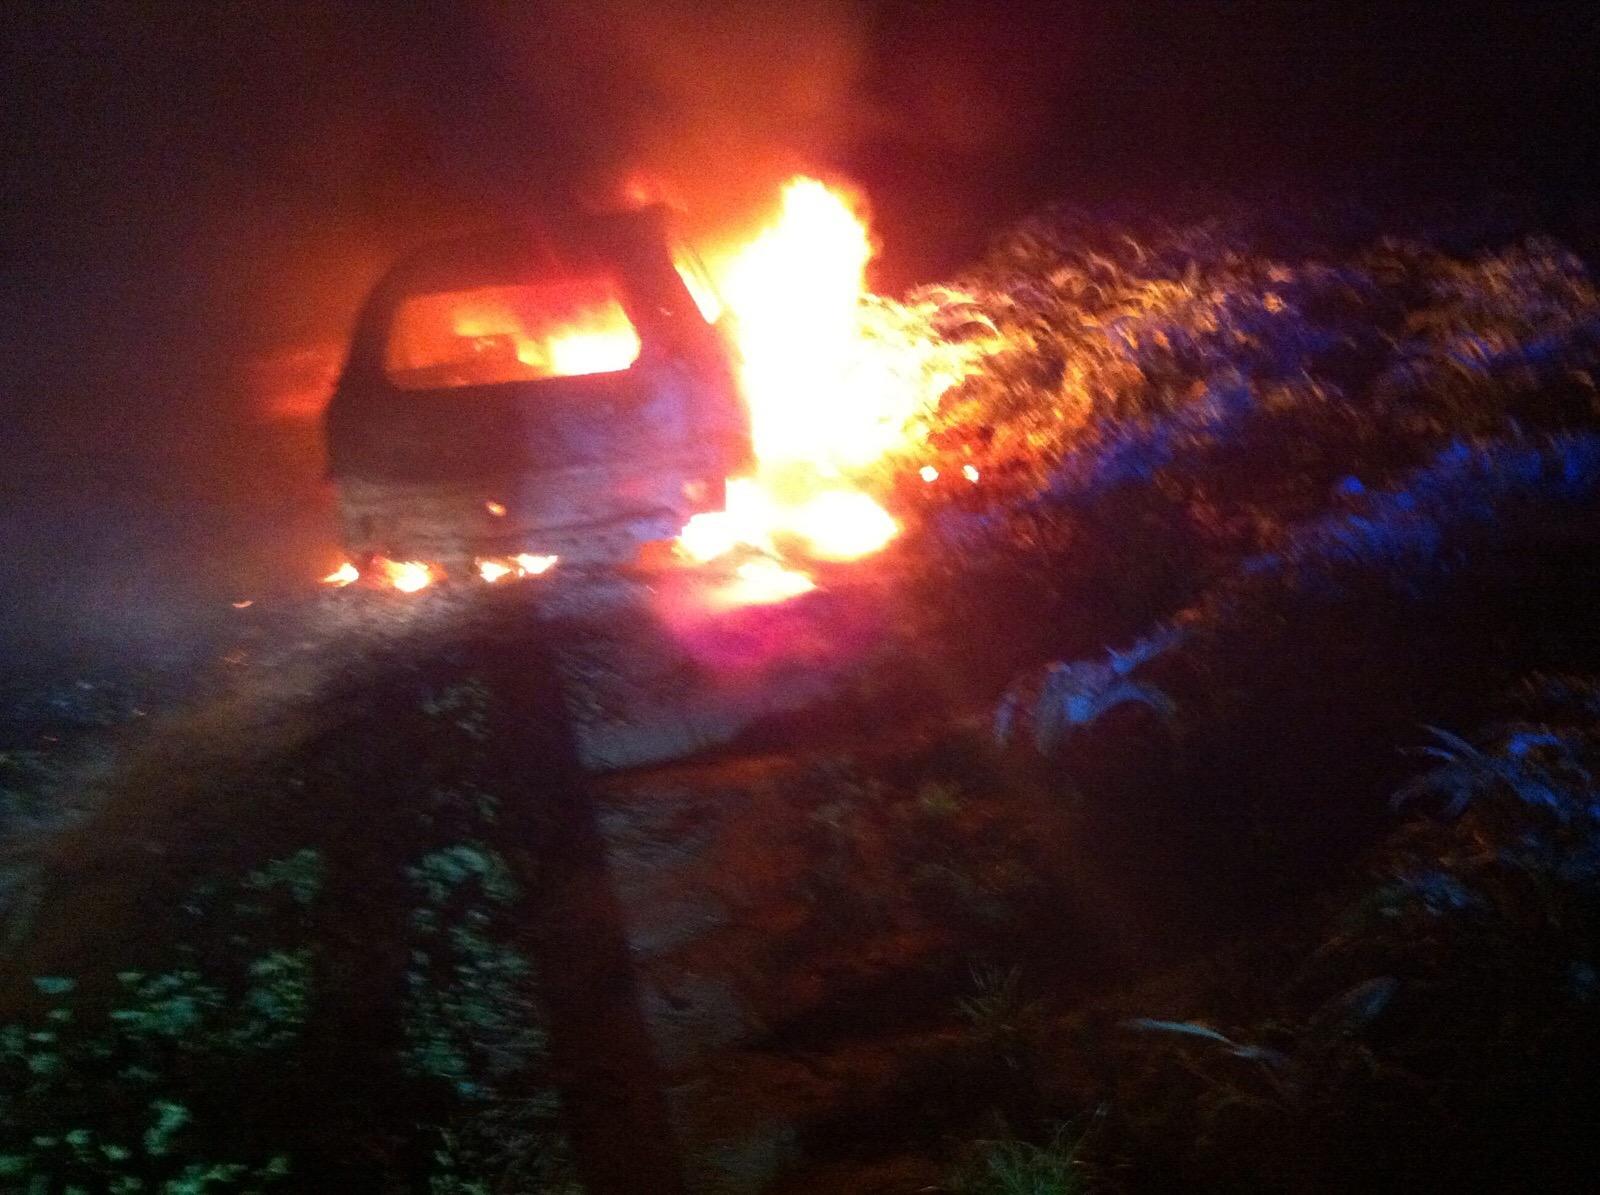 Incendiata l'auto di un agricoltore